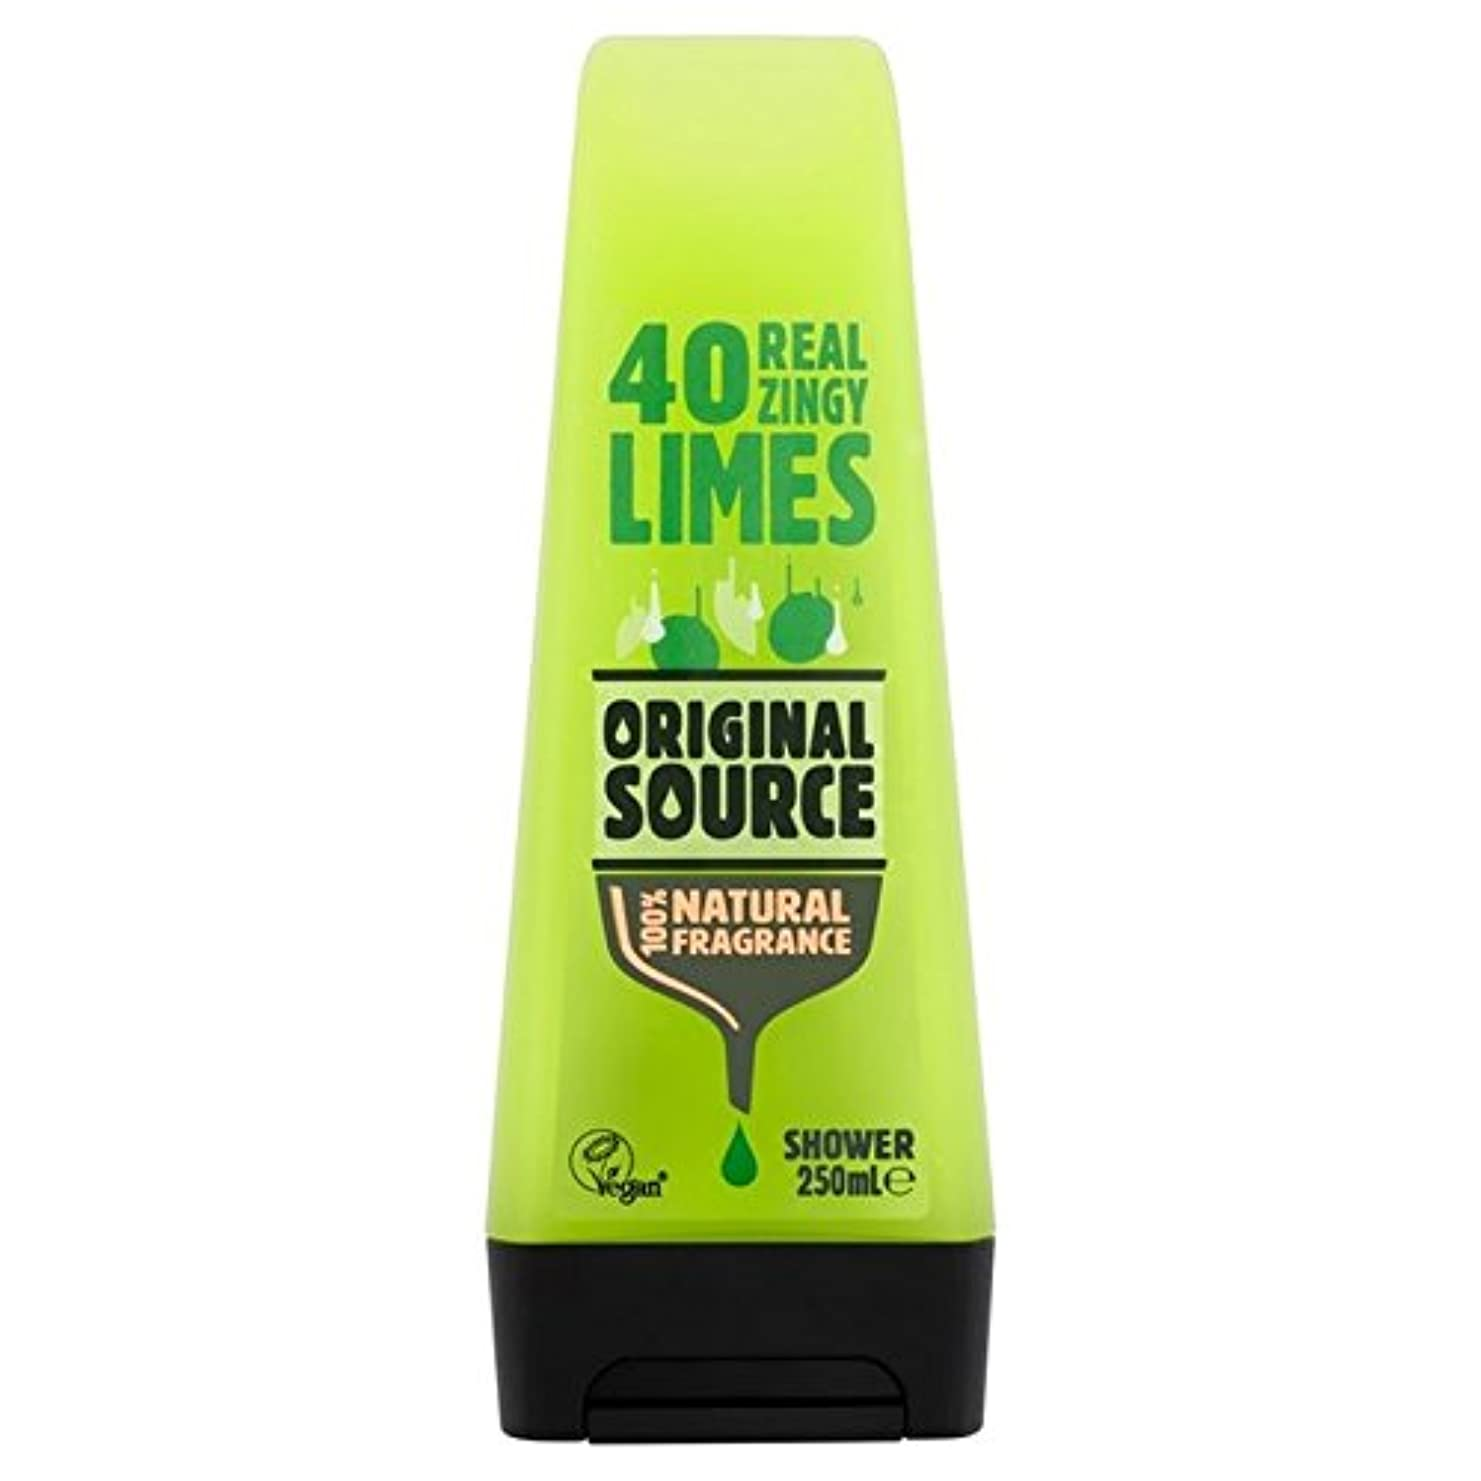 悲劇嵐が丘エクスタシーOriginal Source Lime Shower Gel 250ml - 元のソースライムシャワージェル250ミリリットル [並行輸入品]